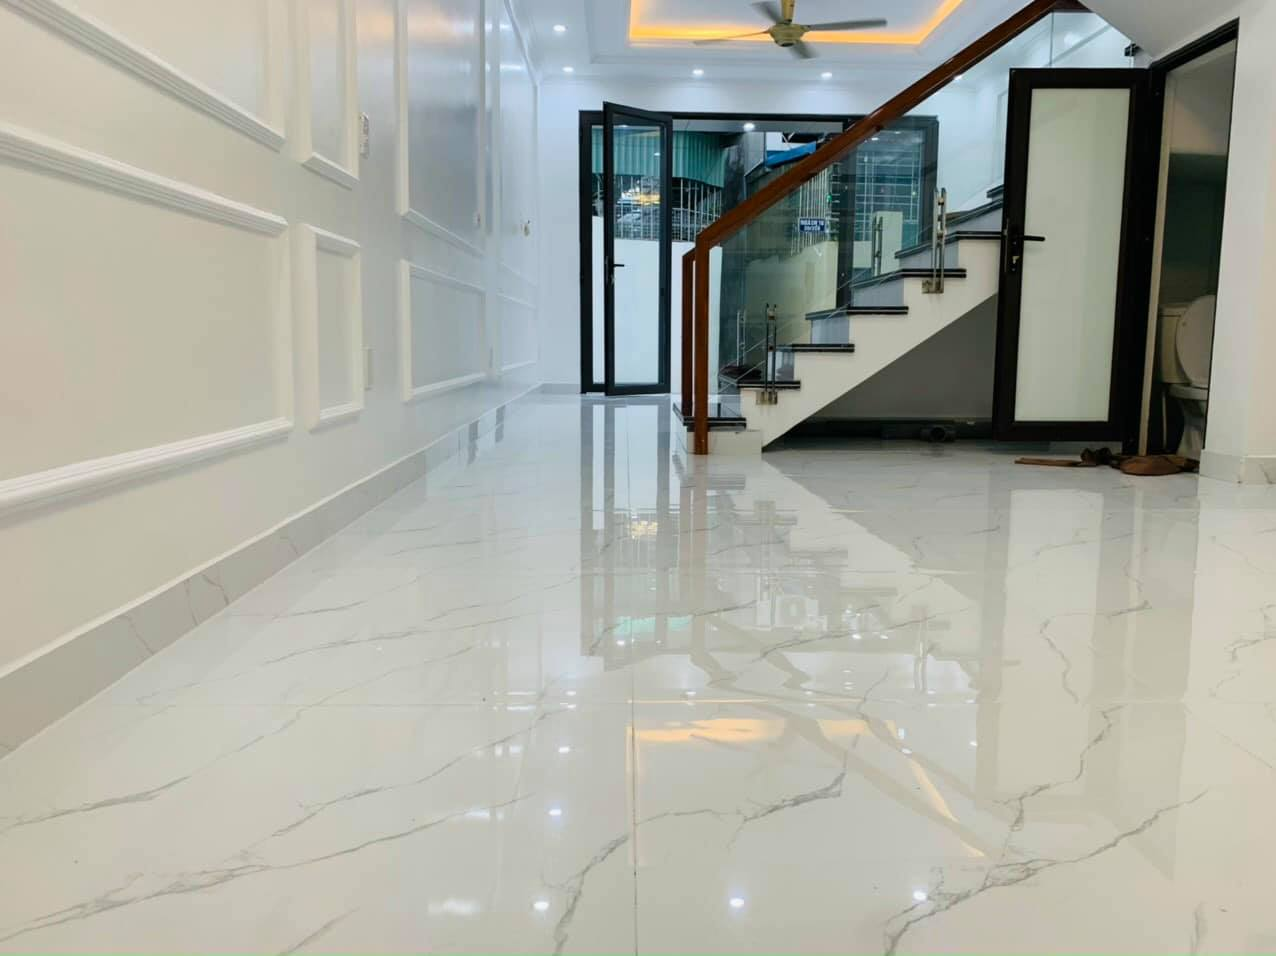 Bán nhà 3 tầng xây độc lập mặt ngõ đường Đà Nẵng, Ngô Quyền, Hải Phòng